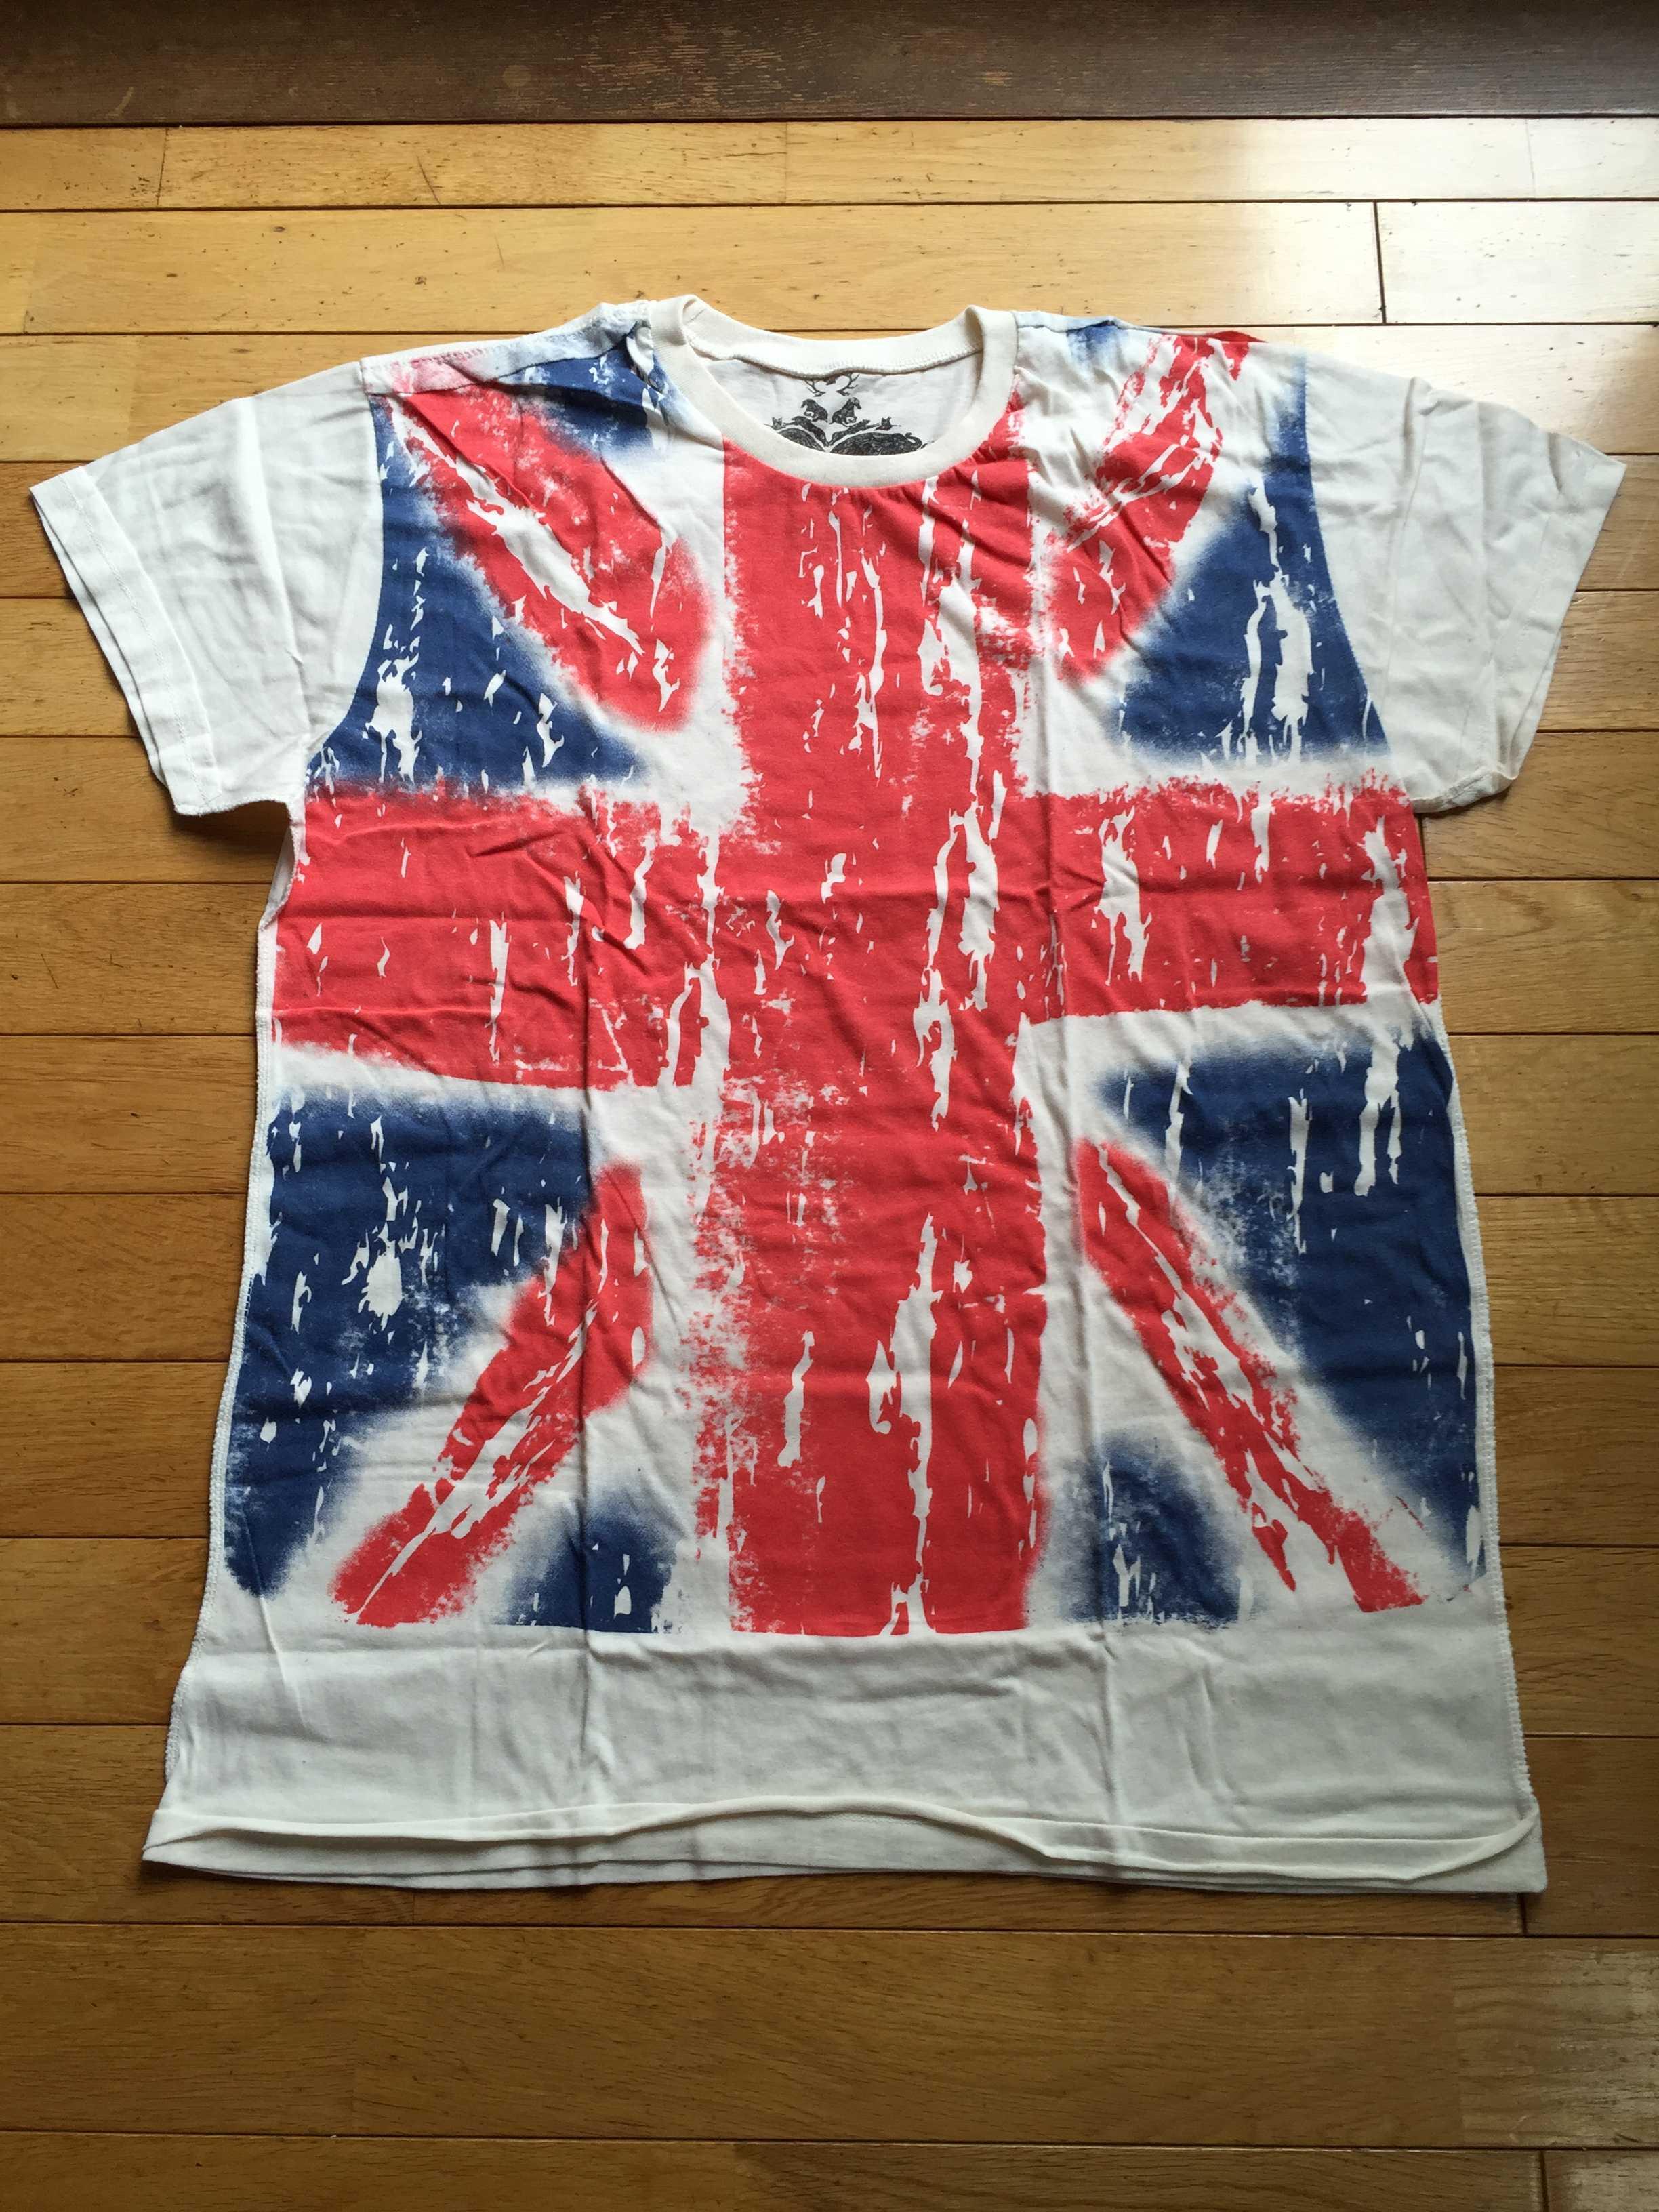 ユニオンジャック(英国旗)のTシャツ